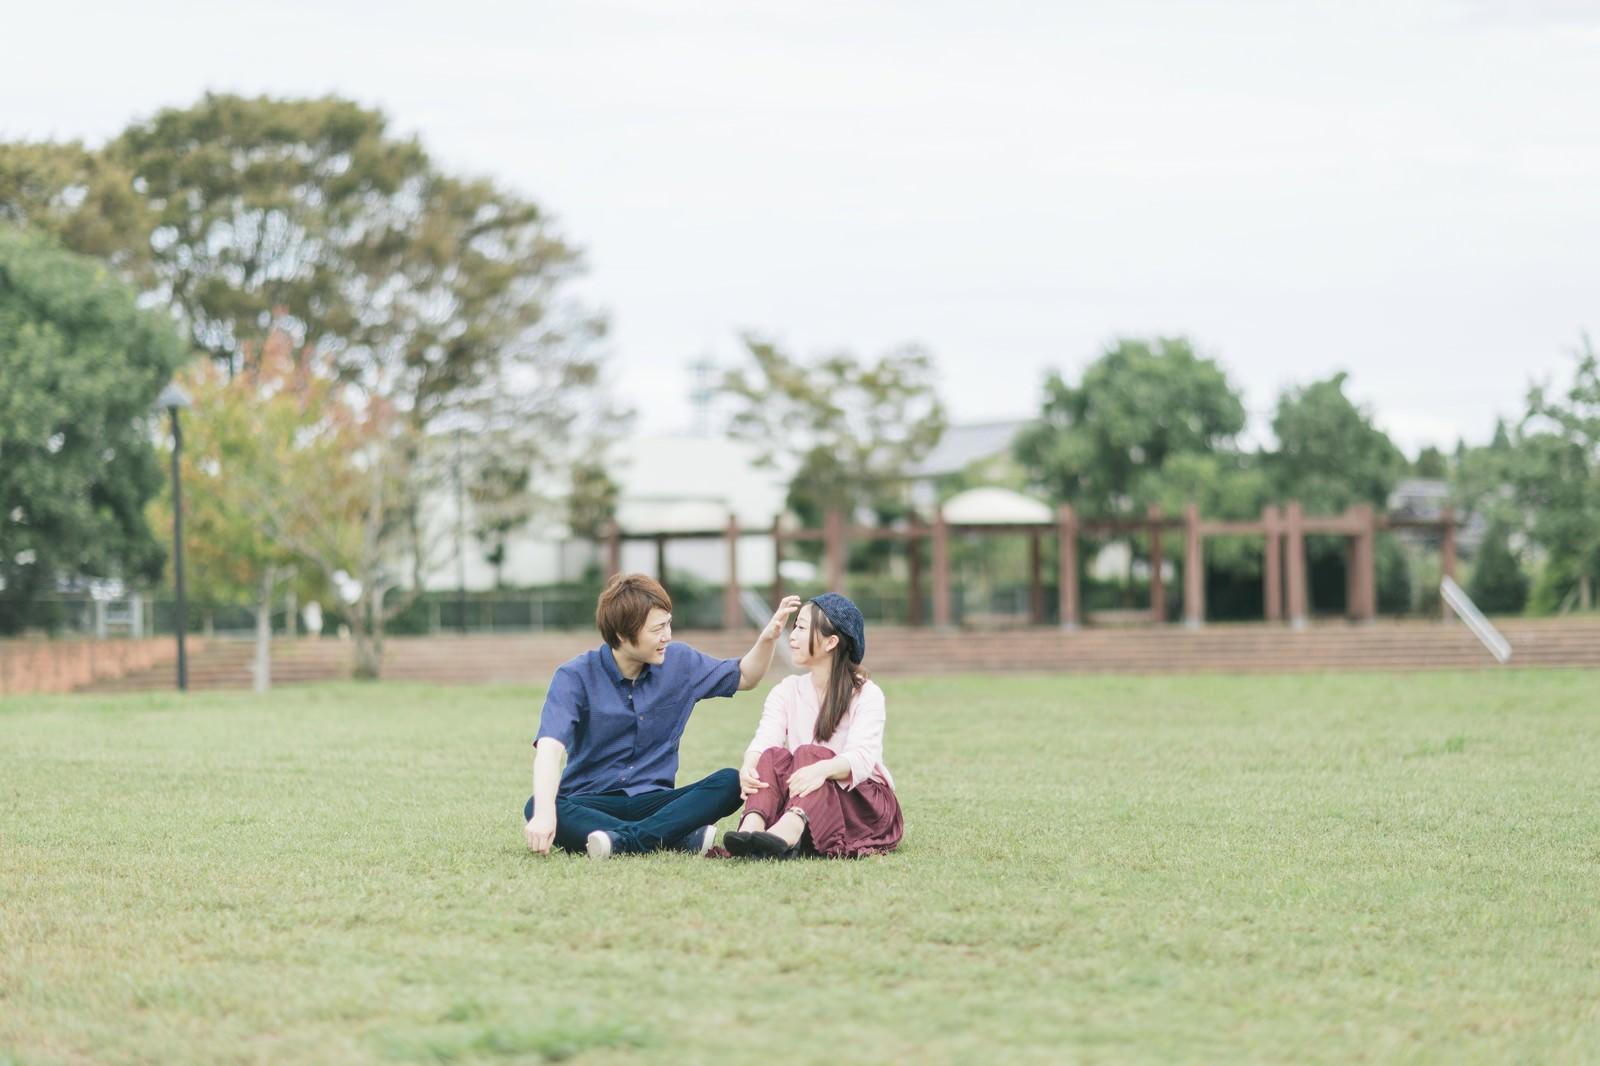 「大刀洗公園の芝の上で休日デートする夫婦大刀洗公園の芝の上で休日デートする夫婦」[モデル:五十嵐夫妻]のフリー写真素材を拡大